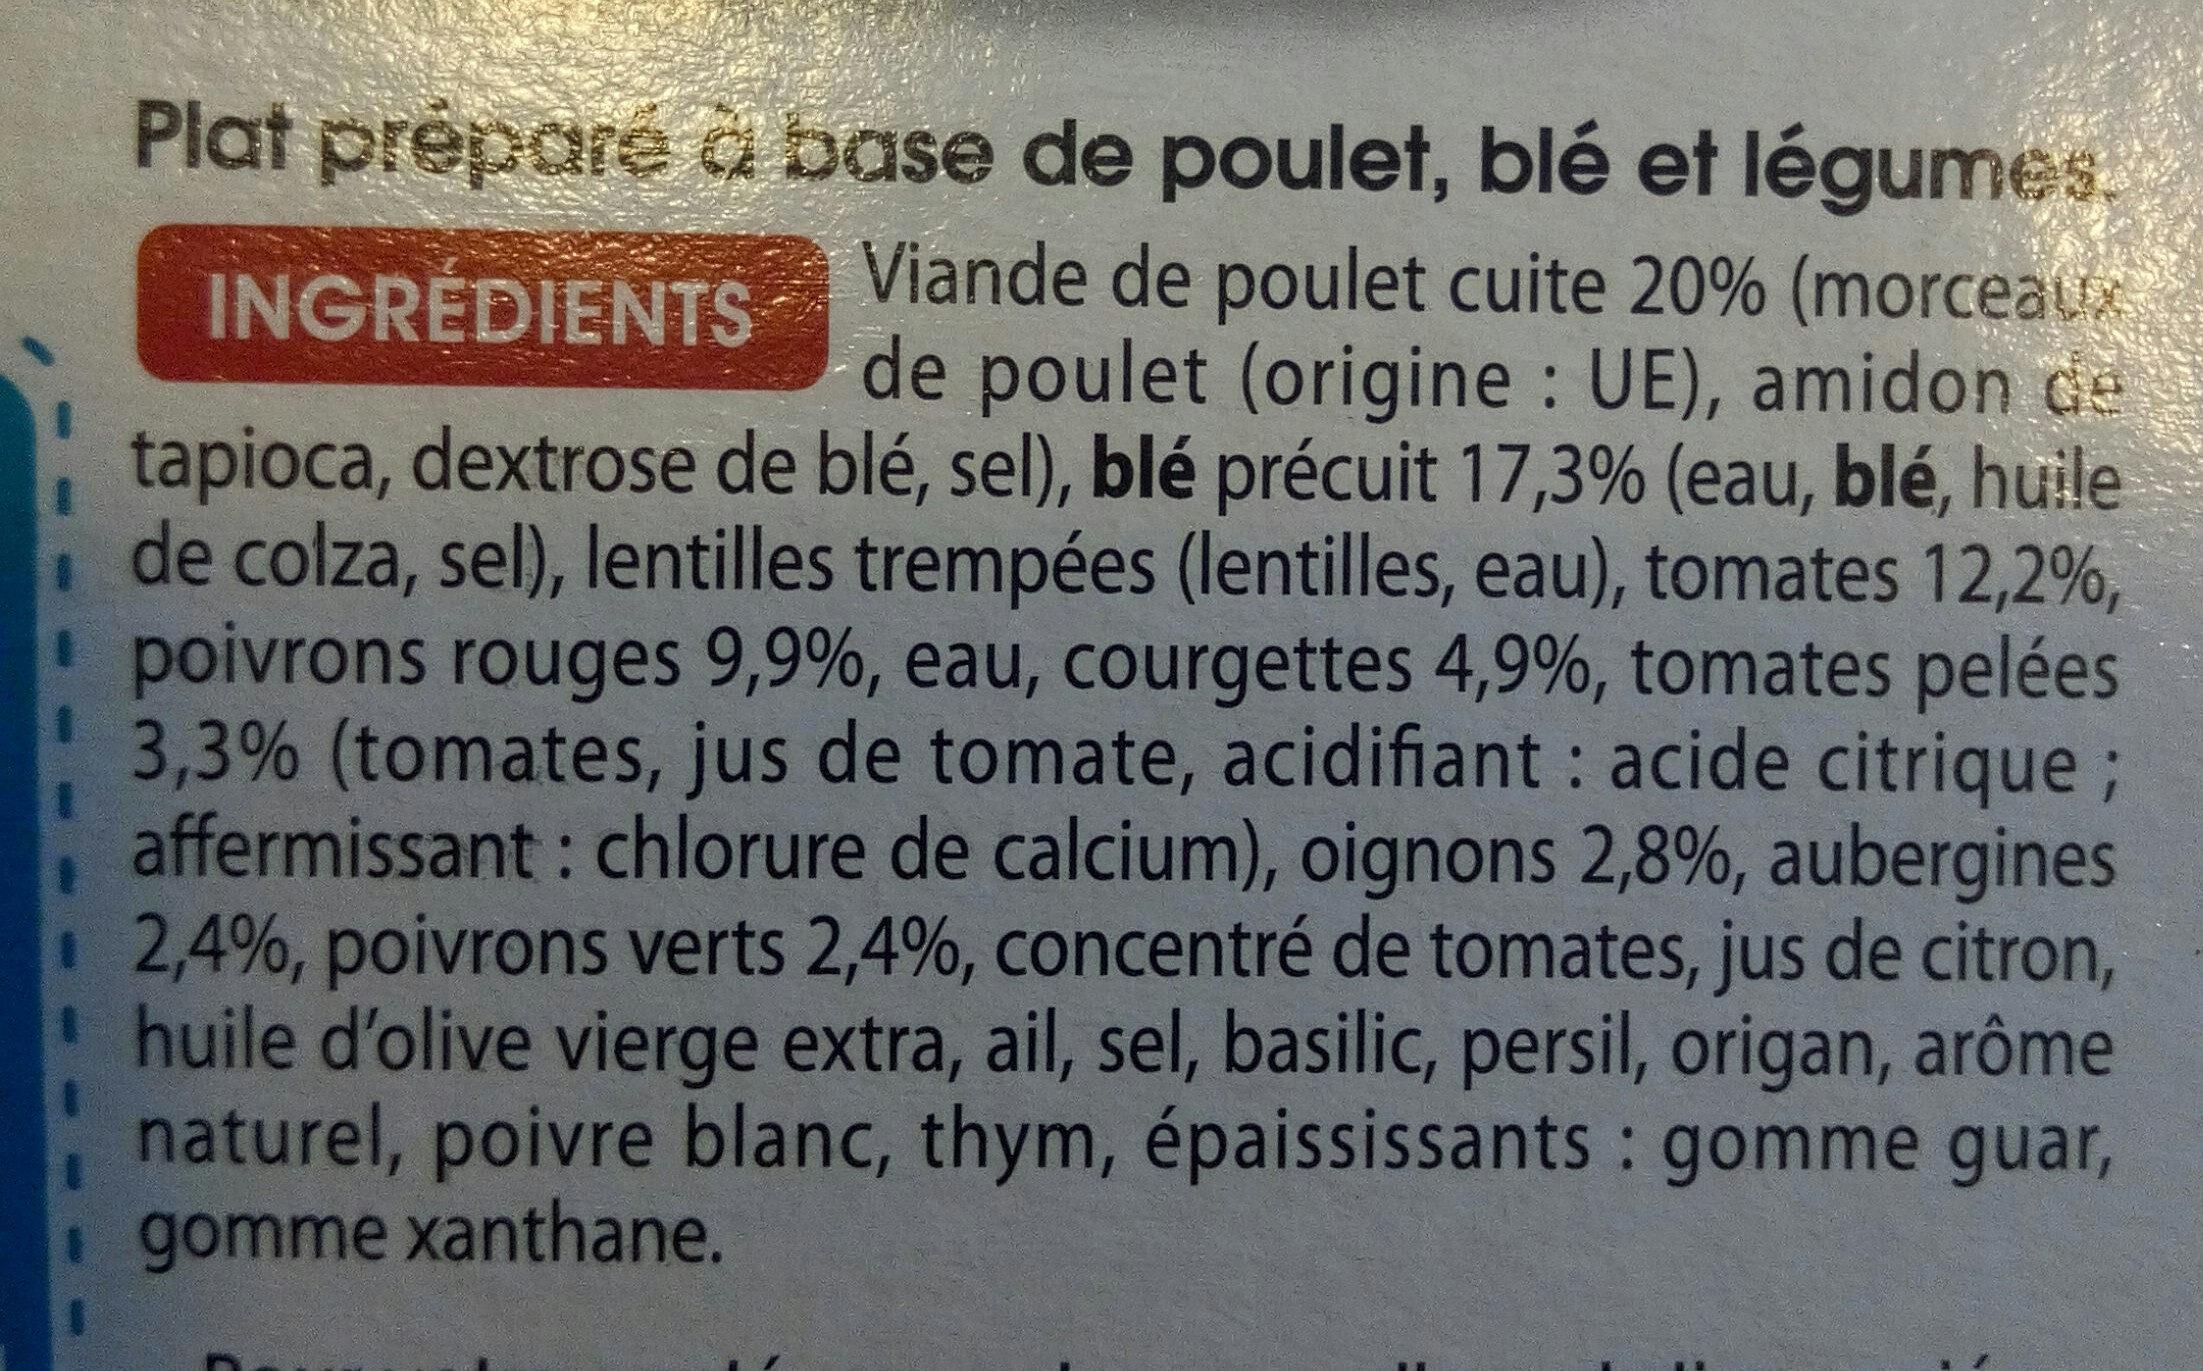 Lentilles cuisinees poulet et petits egumes - Ingredients - fr